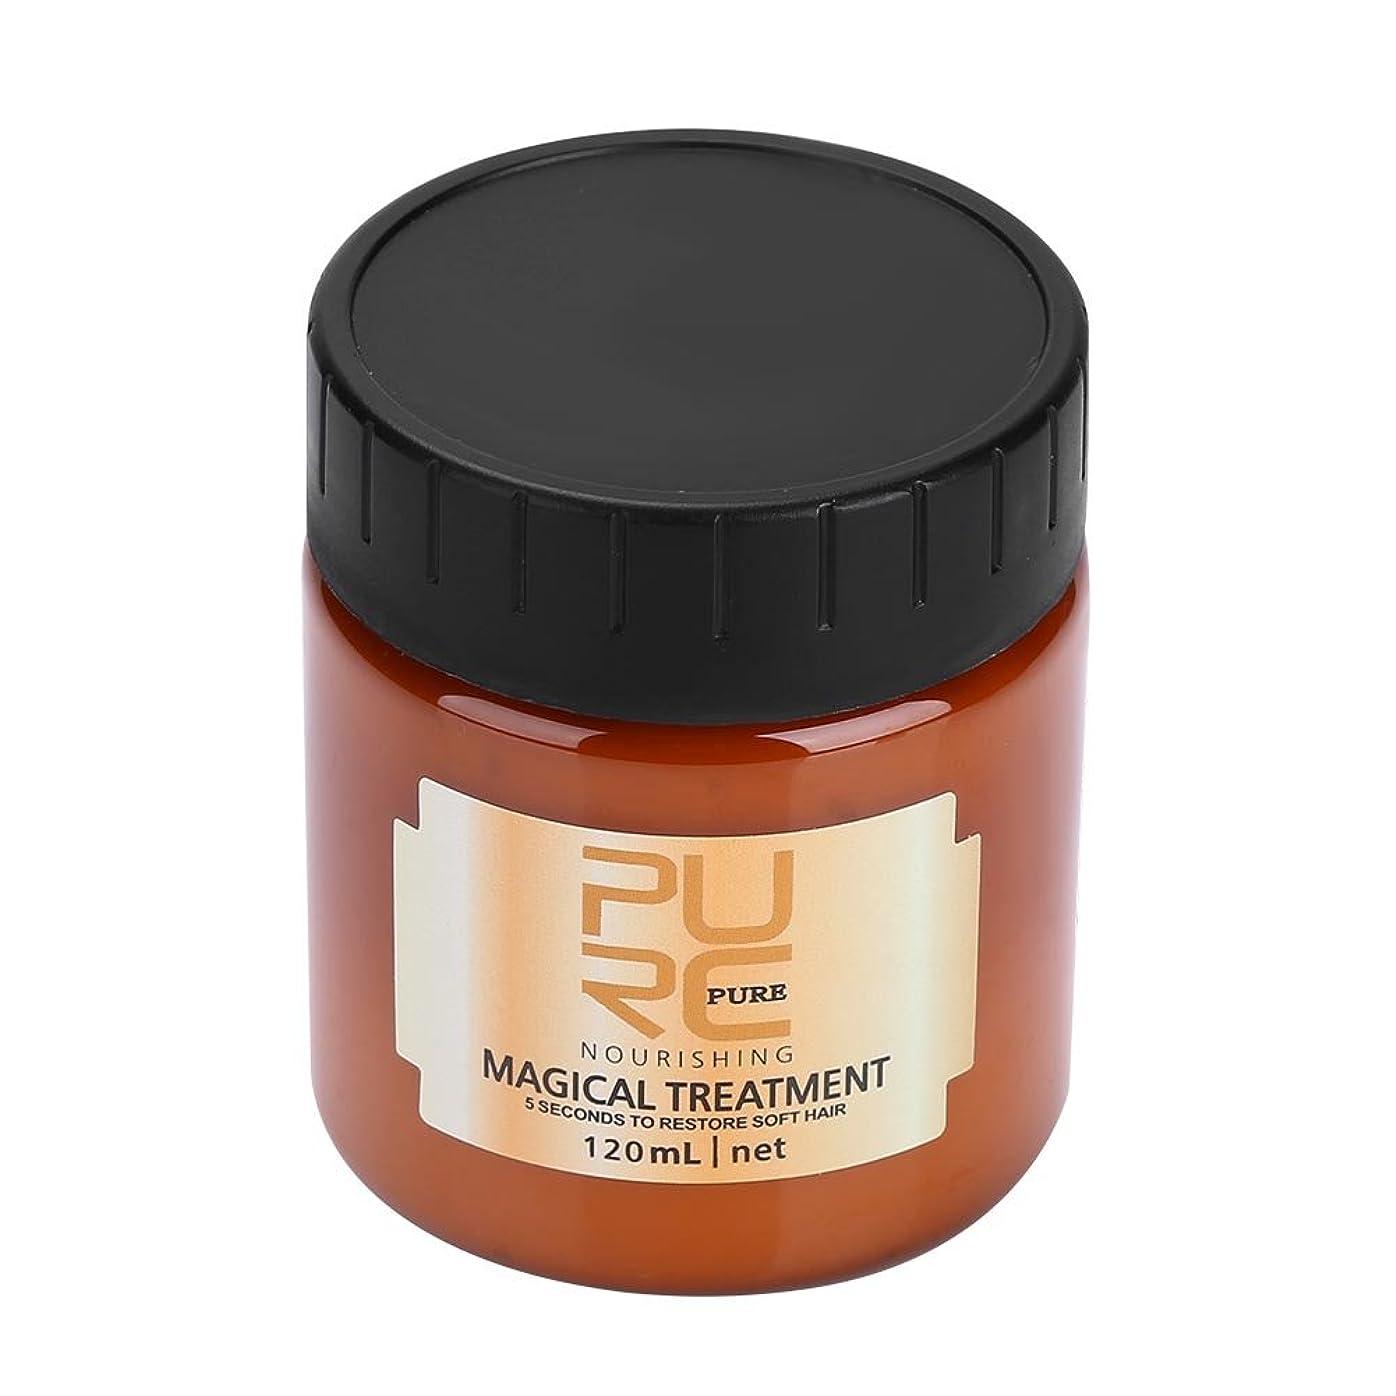 振動する種アトミックヘアリペアマスク、120ml魔法のヘアマスク栄養治療ソフトスムーズリペアダメージプロフェッショナル